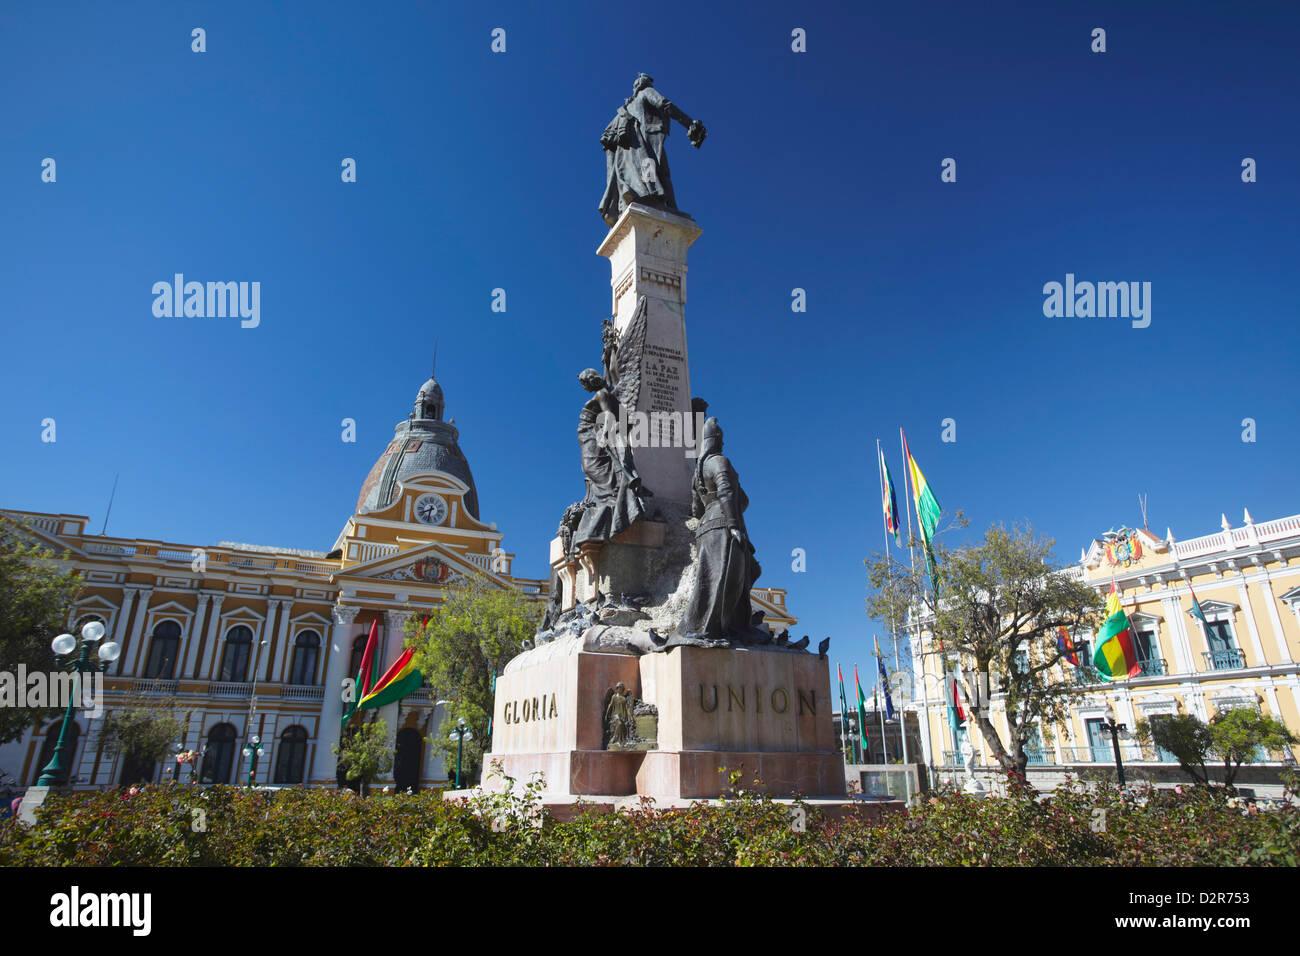 Monument and Palacio Legislativo (Legislative Palace) in Plaza Pedro Murillo, La Paz, Bolivia, South America - Stock Image